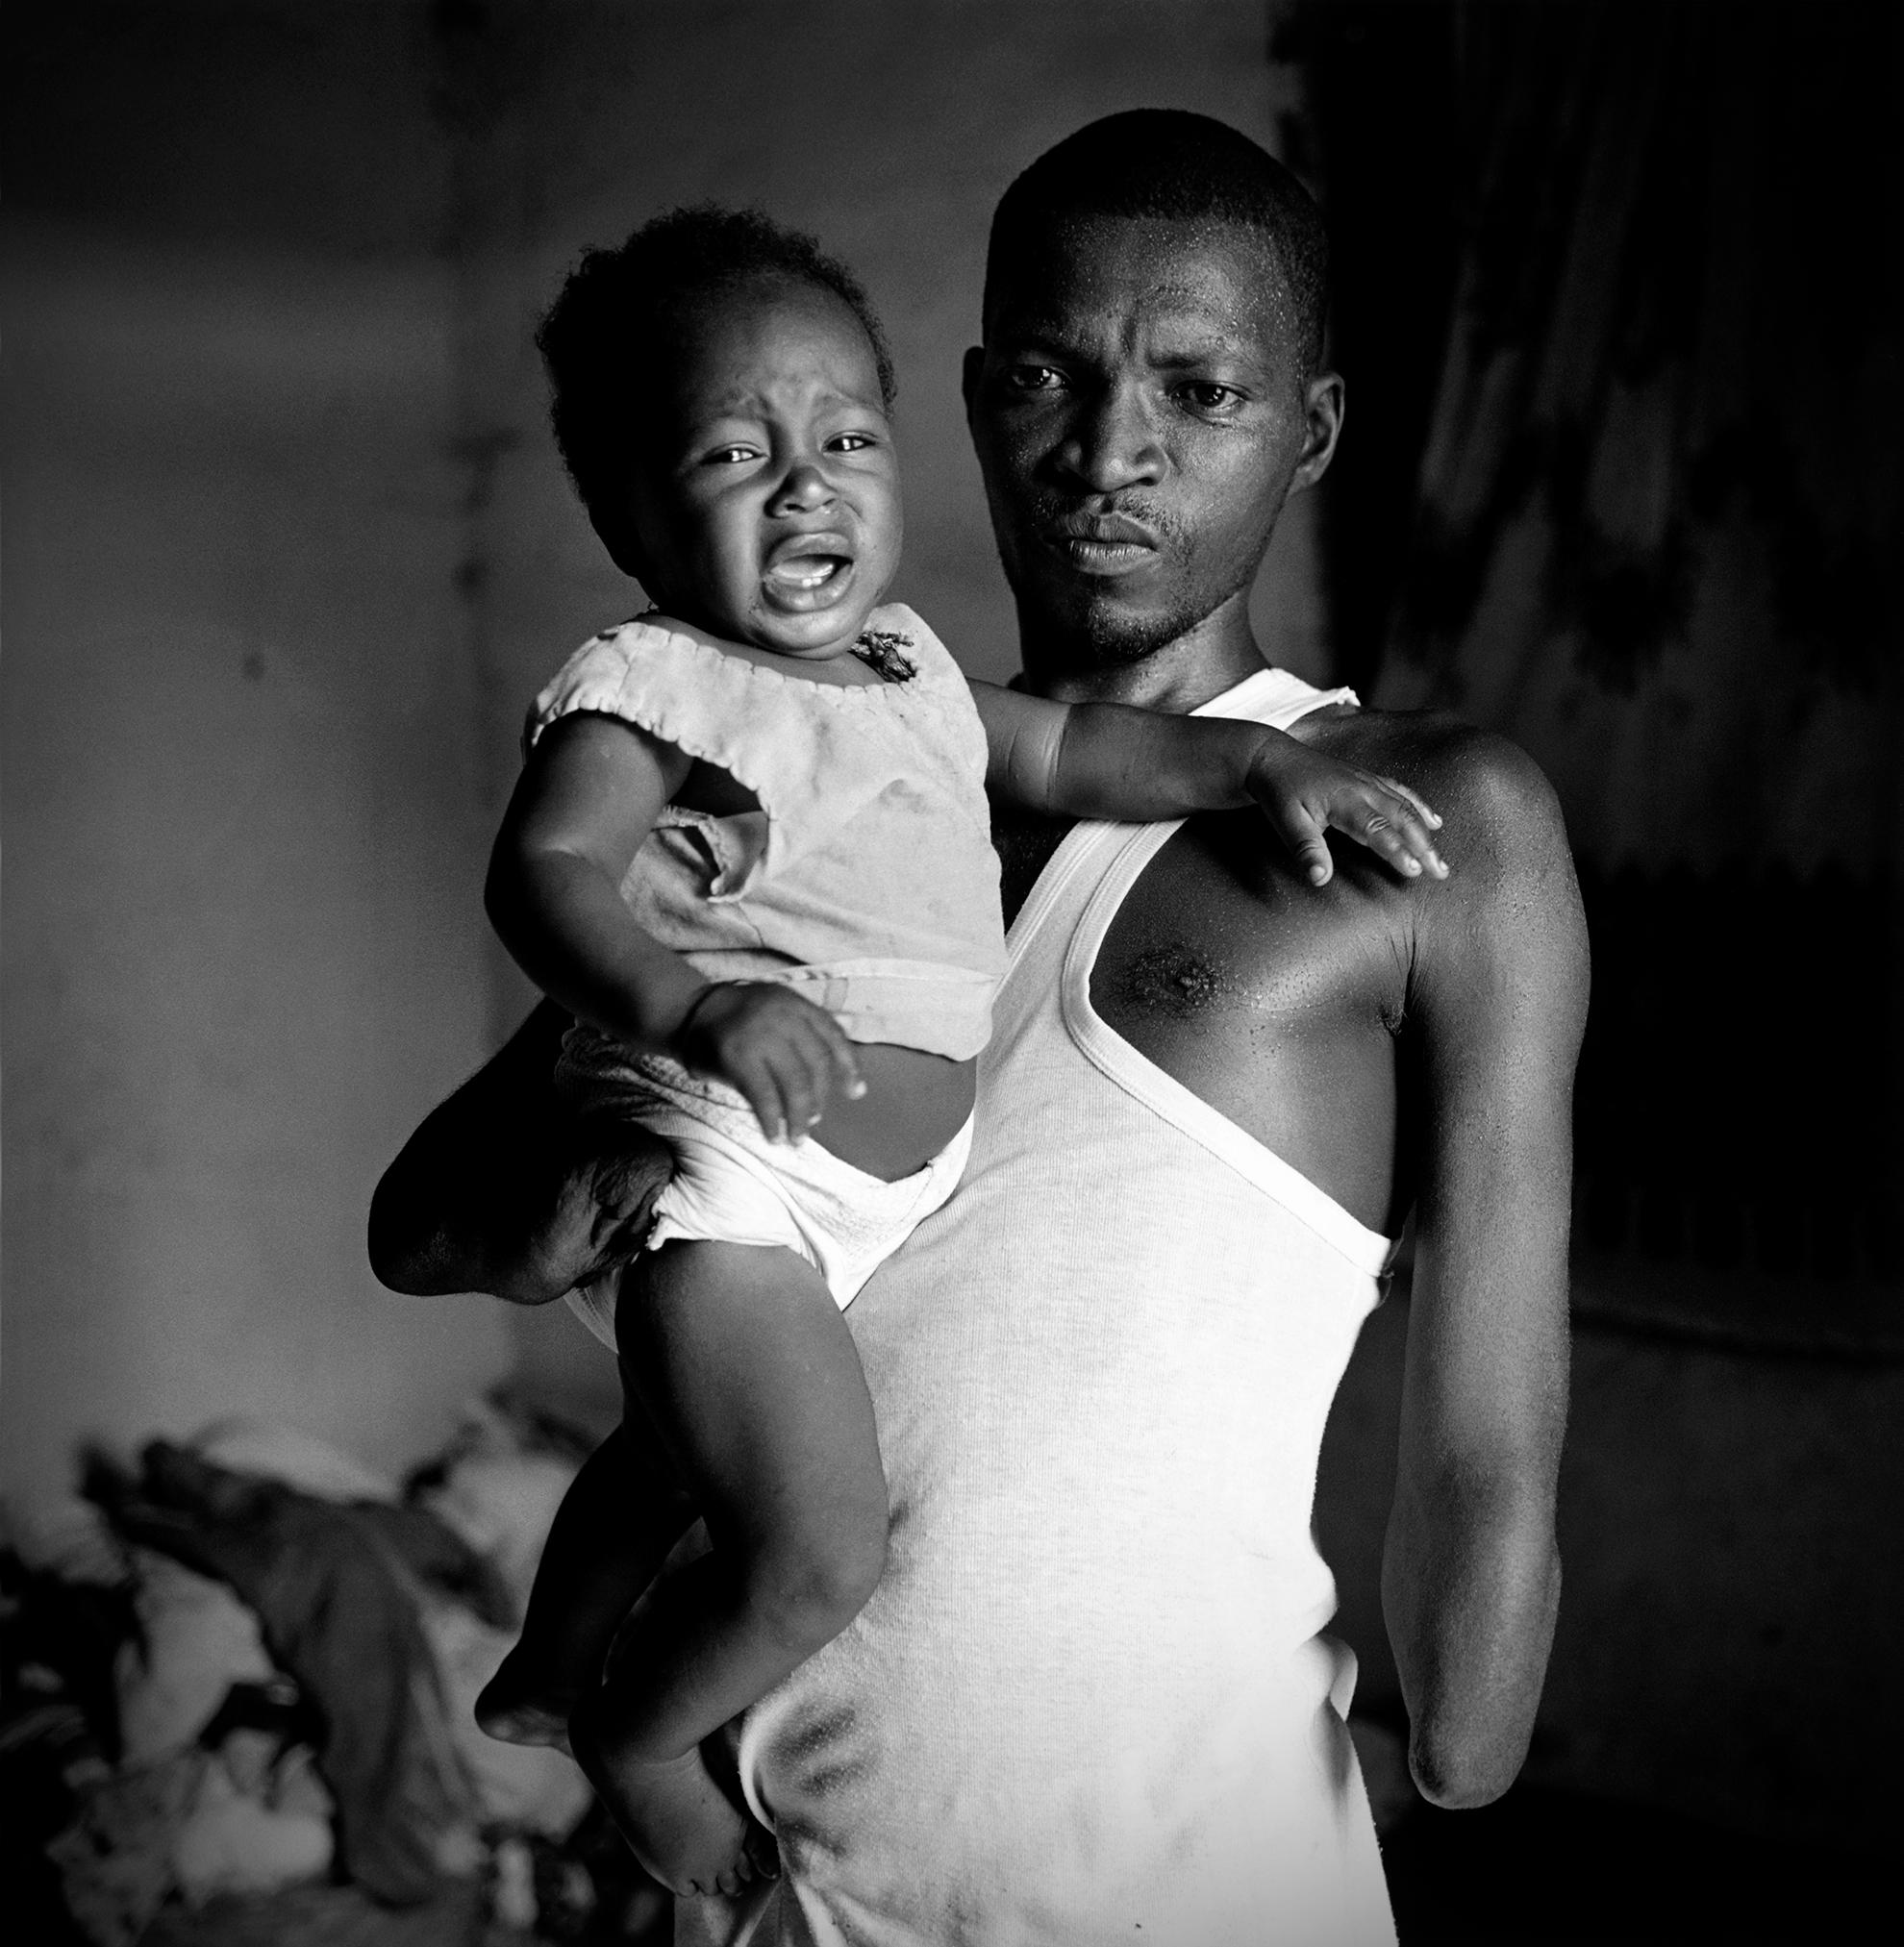 Abu sostiene en su brazo a su hijo menor Morris en el refugio familiar del campo de mutilados de guerra en el que viven.